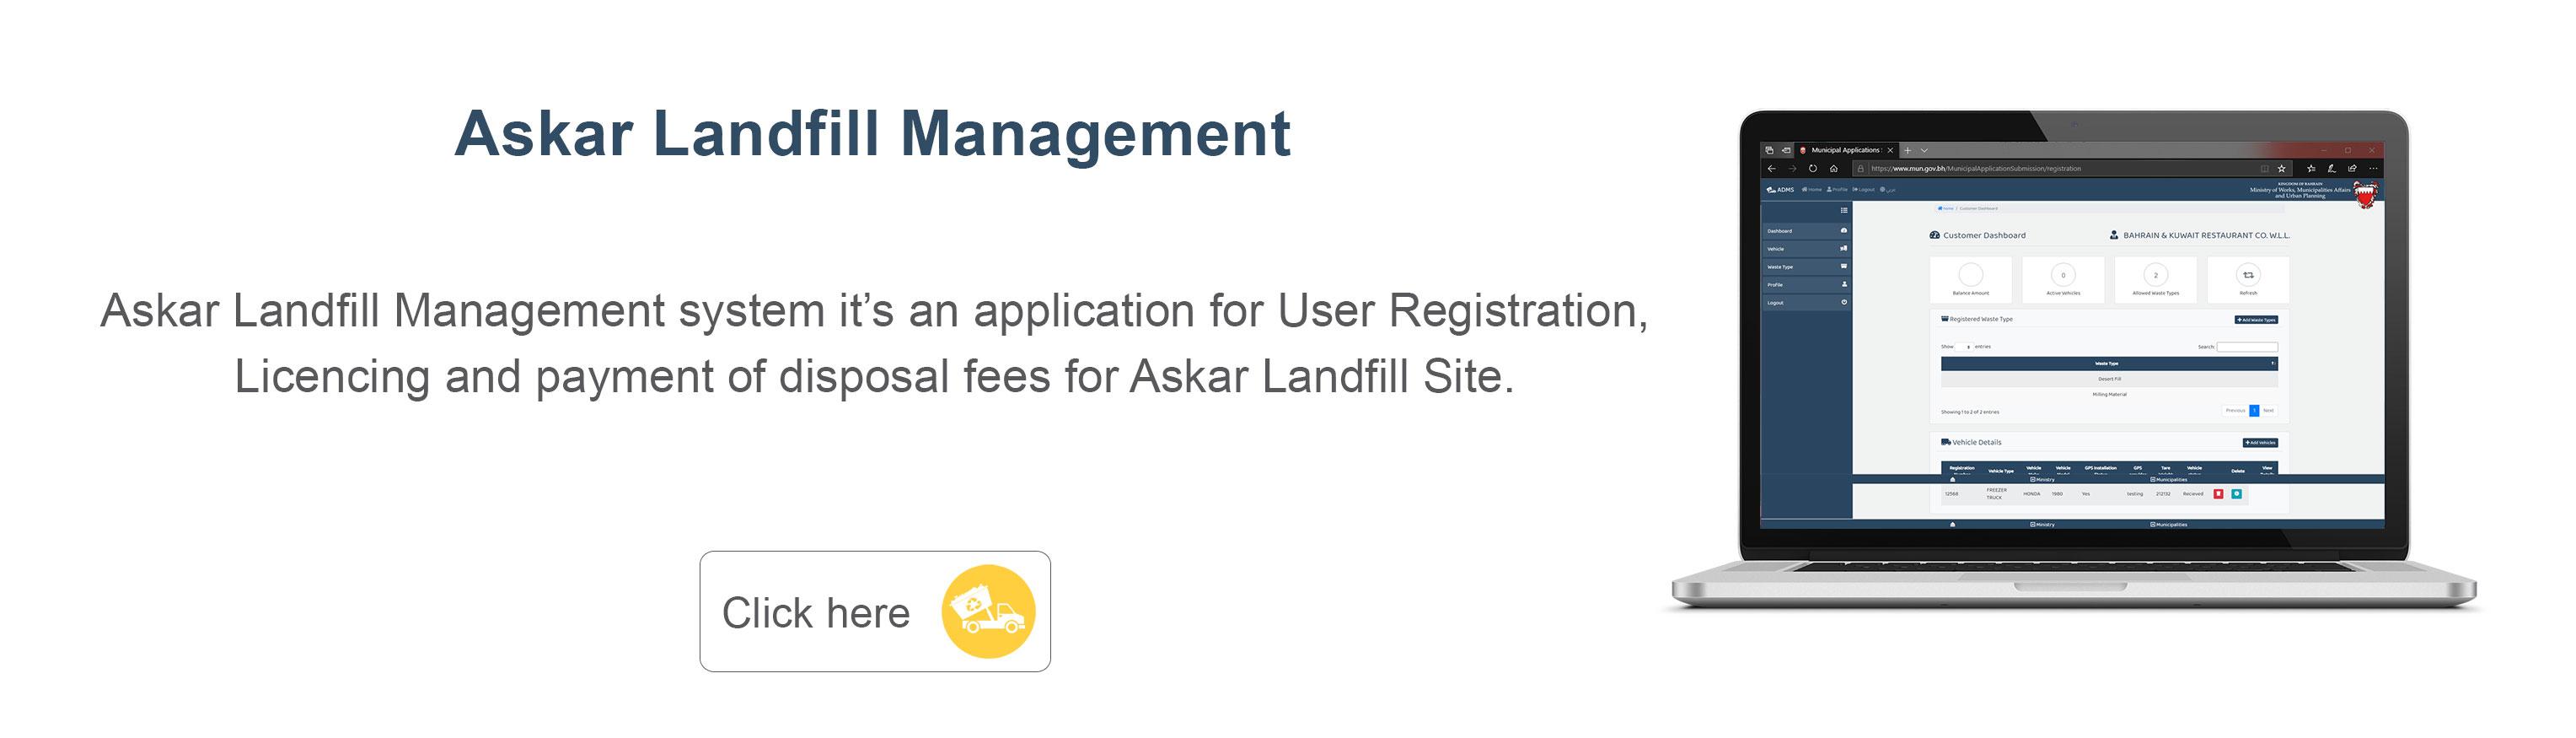 Askar Landfill Management